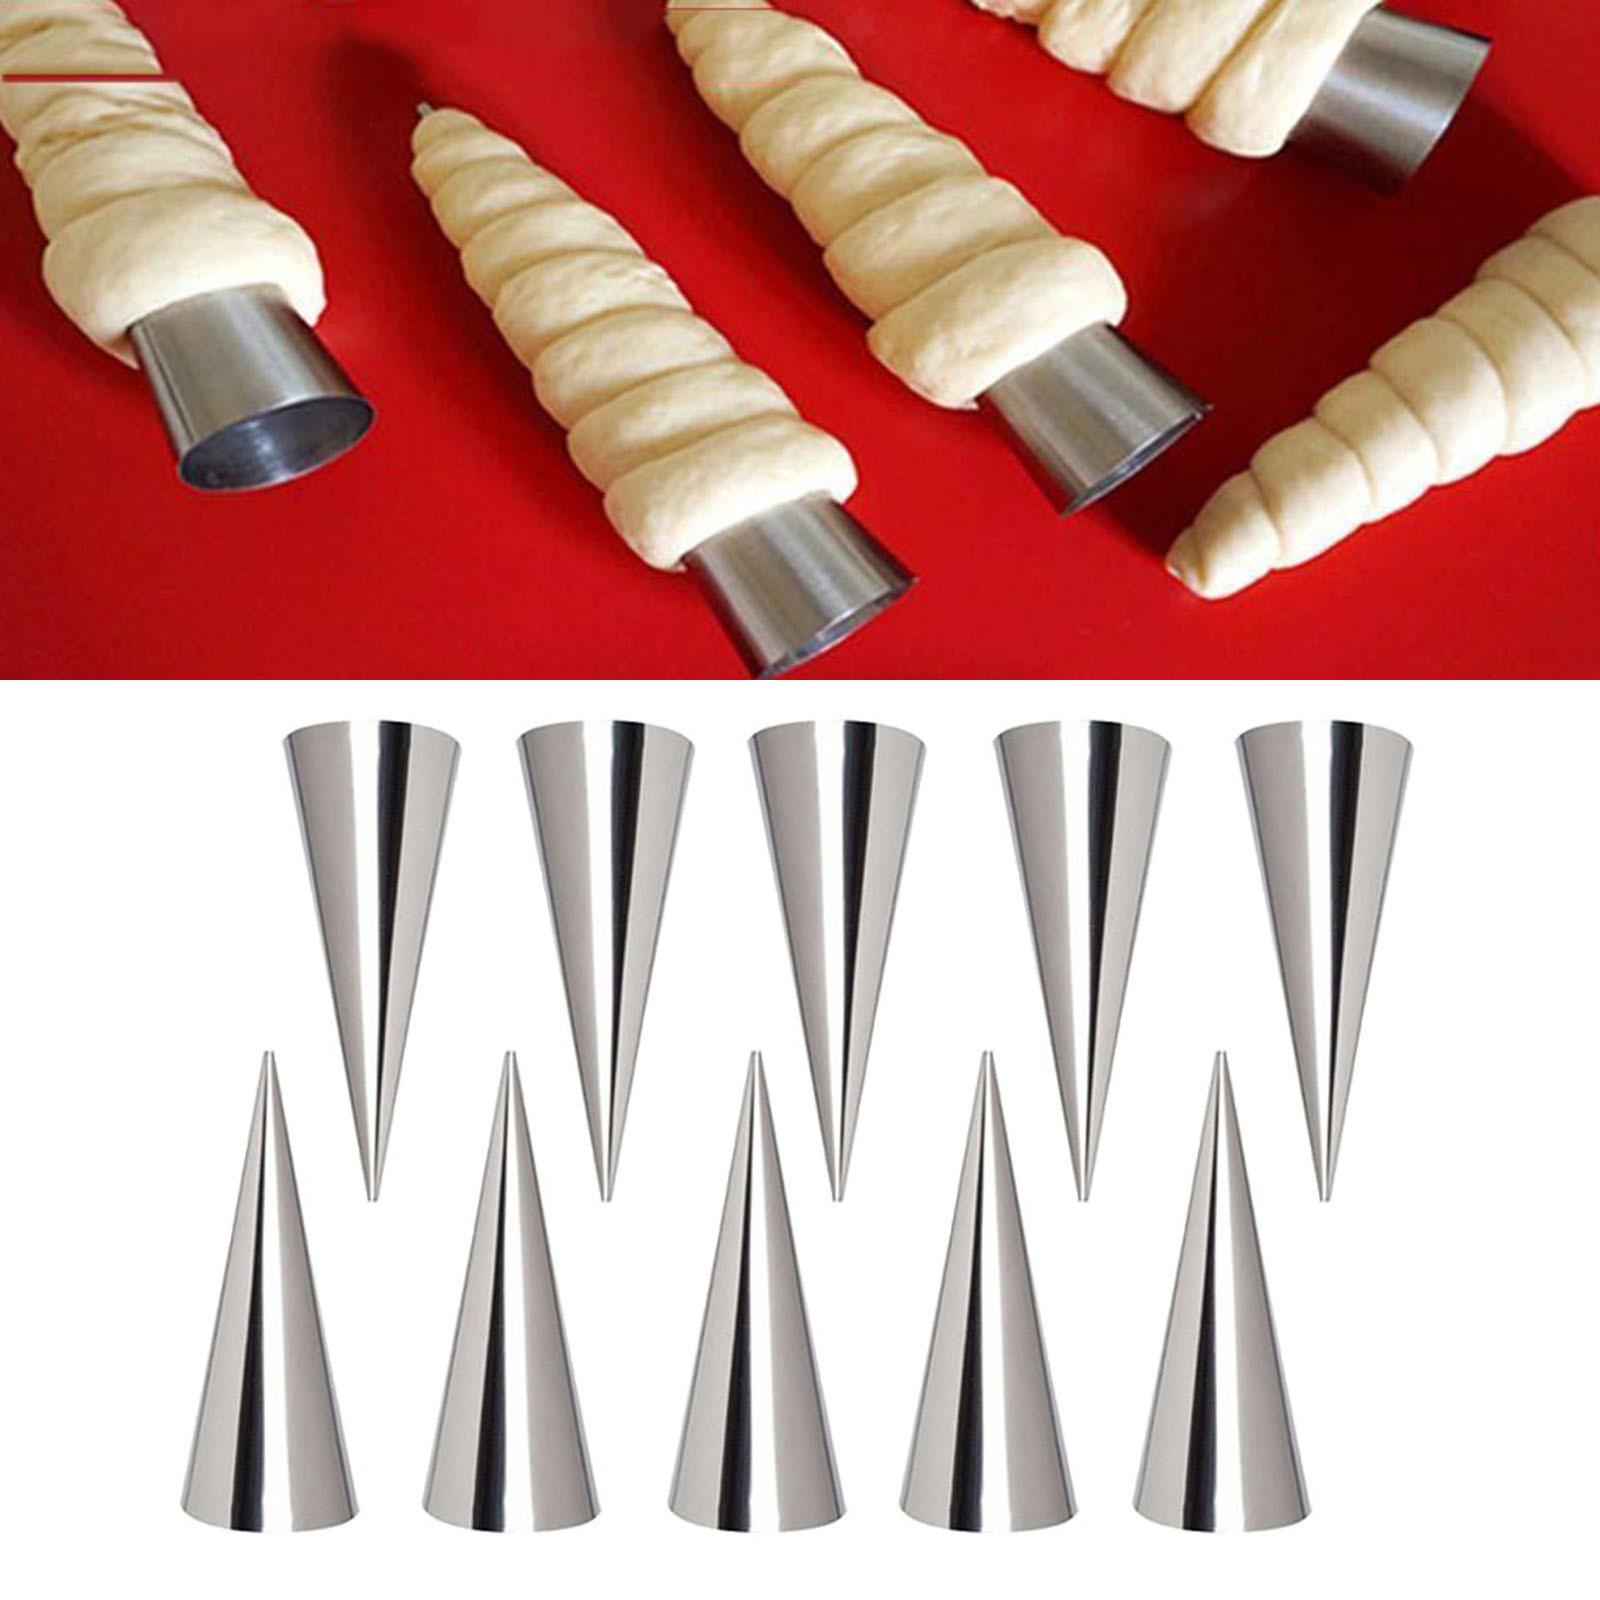 miniature 15 - Crème pâtissière Trompette Croissant Outil Spirale Tubes Pain Pâtisserie Gâ